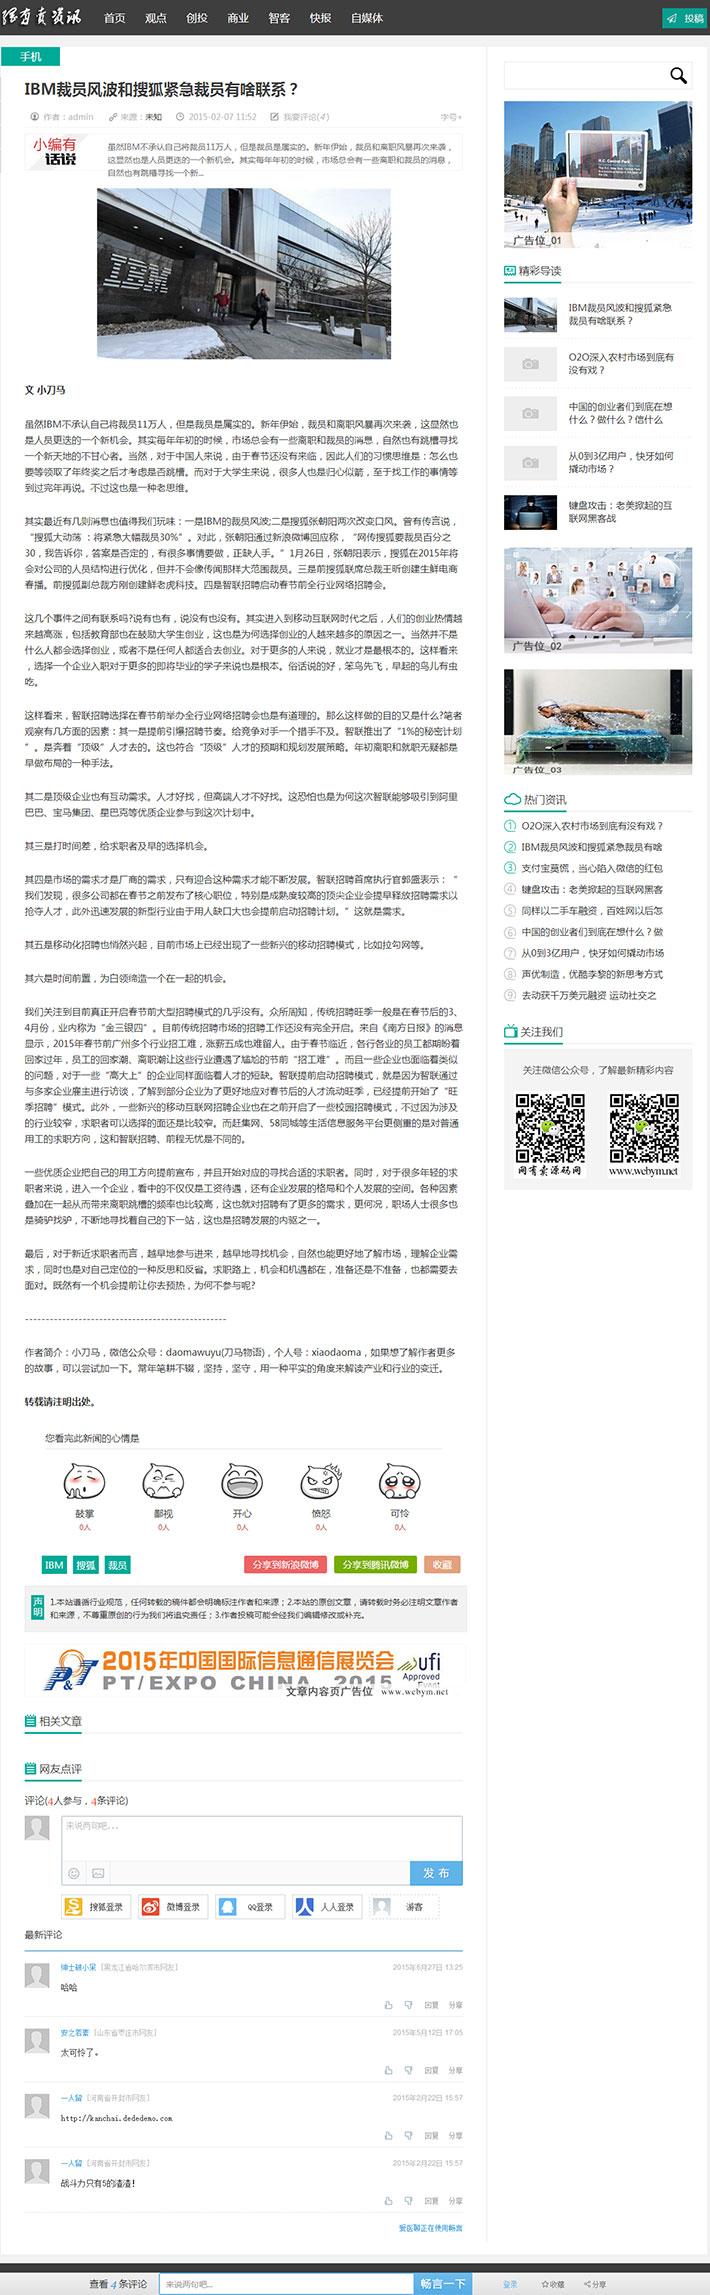 自媒体资讯信息网整站程序